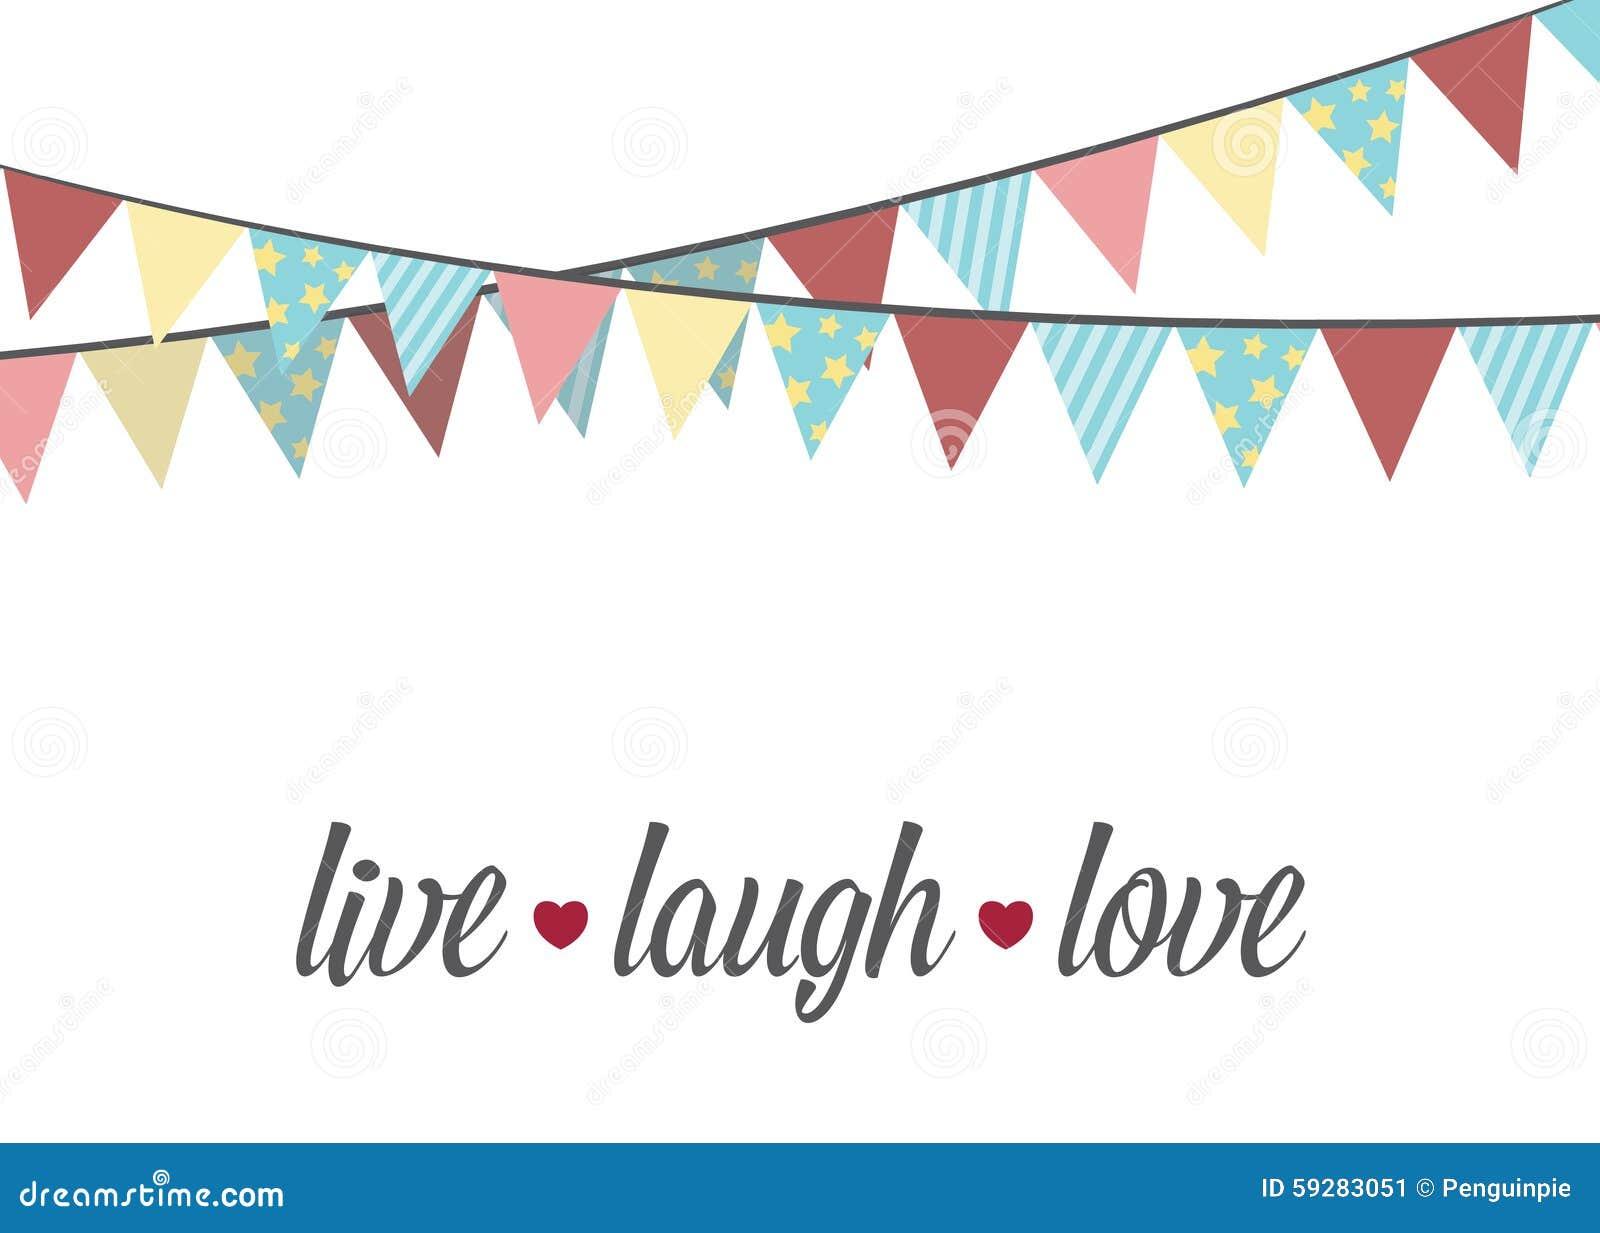 ζωντανή αγάπη γέλιου διάνυσμα